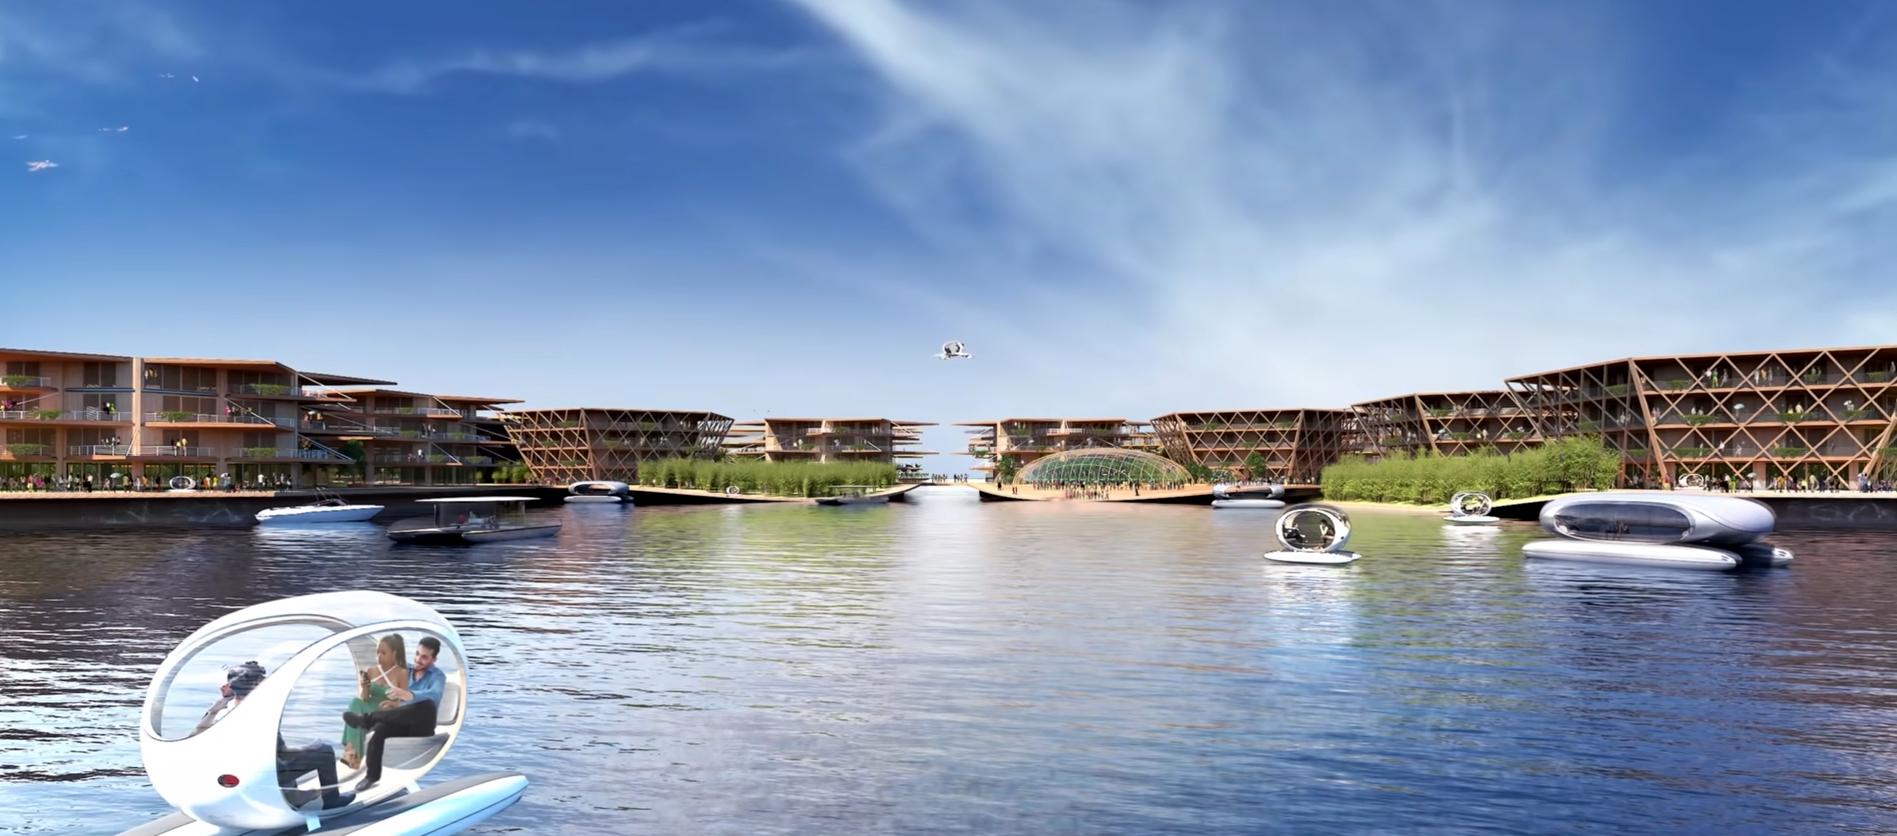 ciudad oceanix: la ciudad flotante en el mar 1